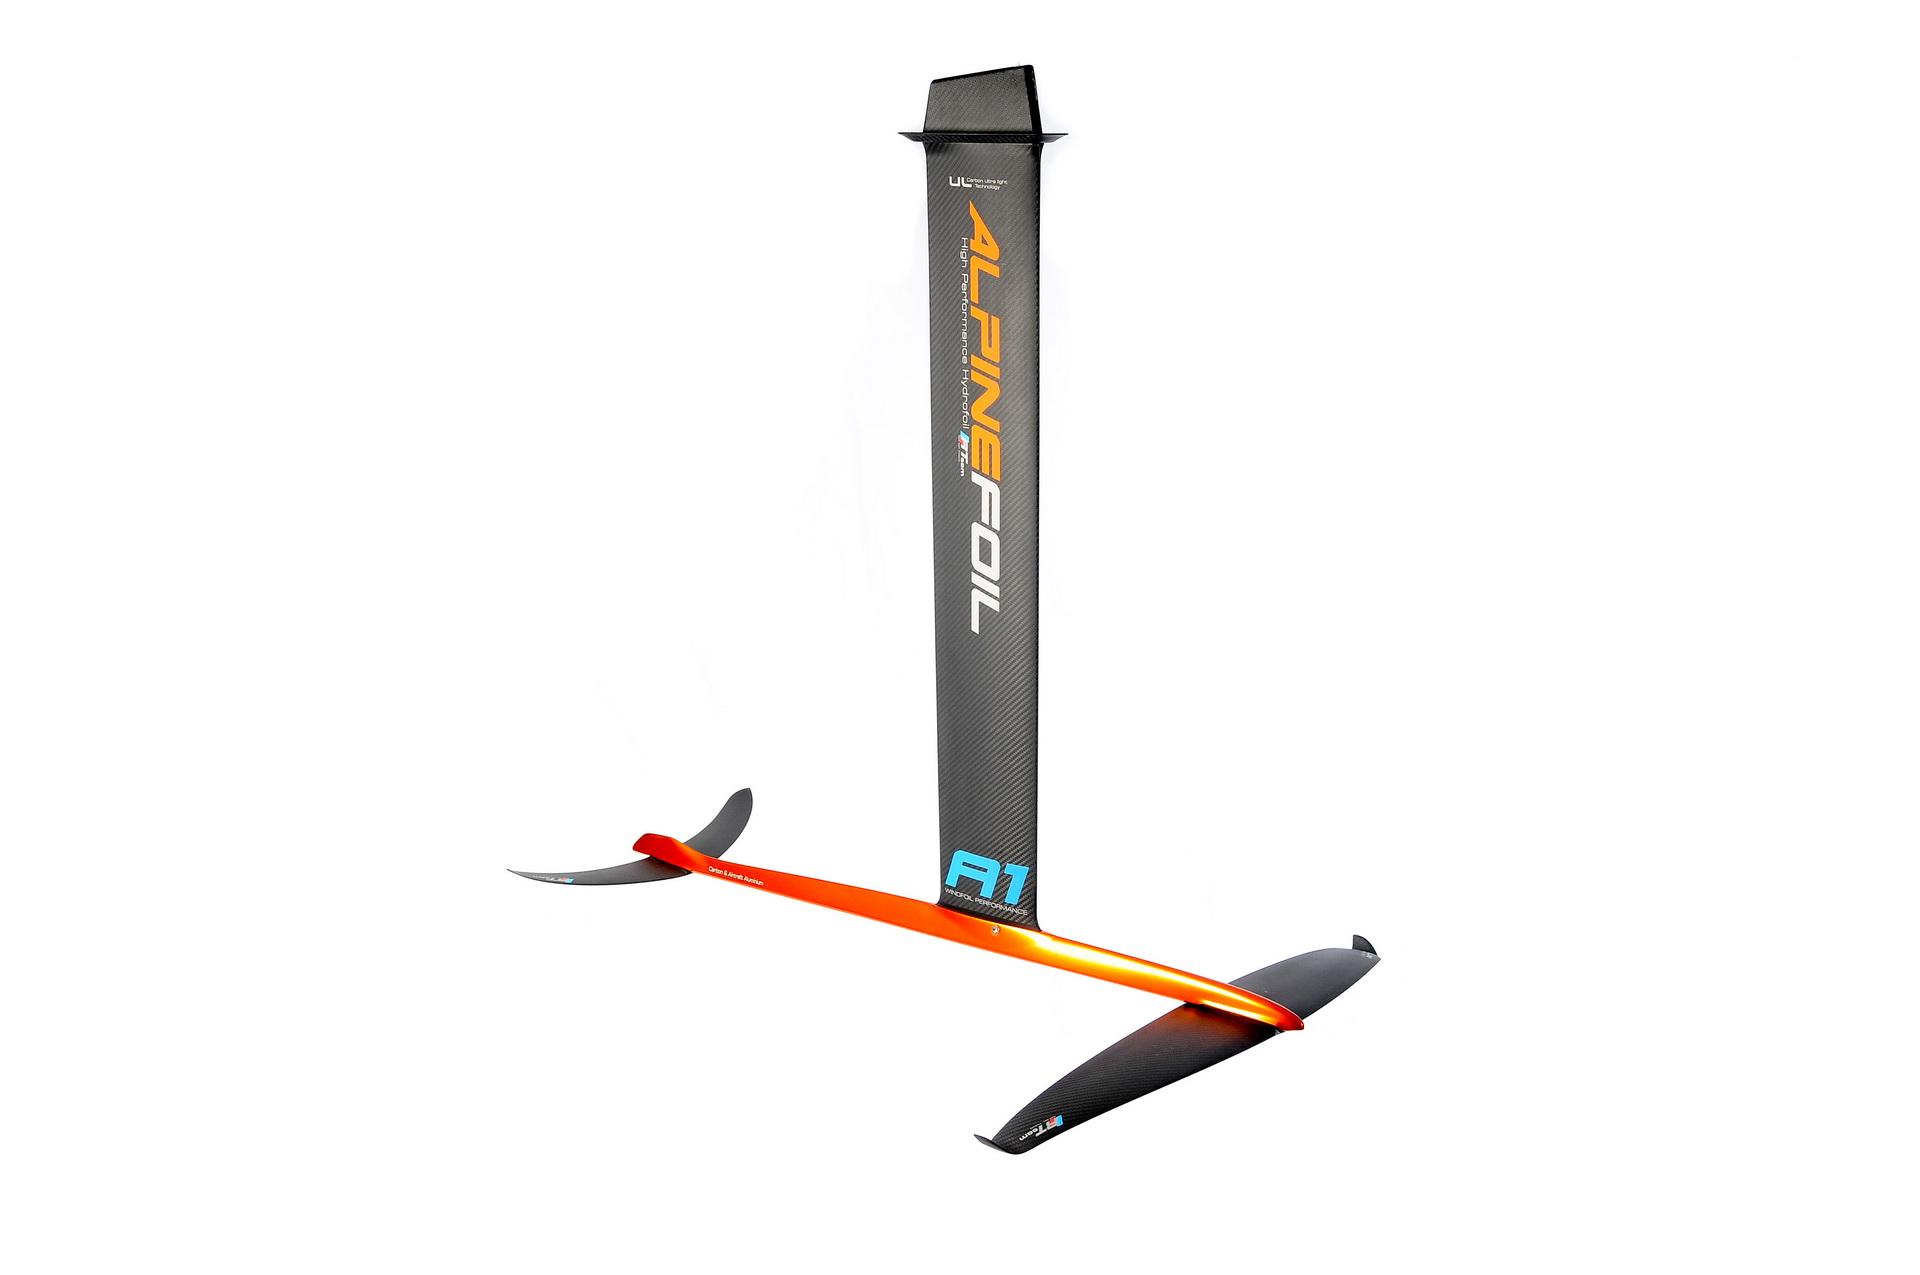 Kitefoil alpinefoil rave dch 0435